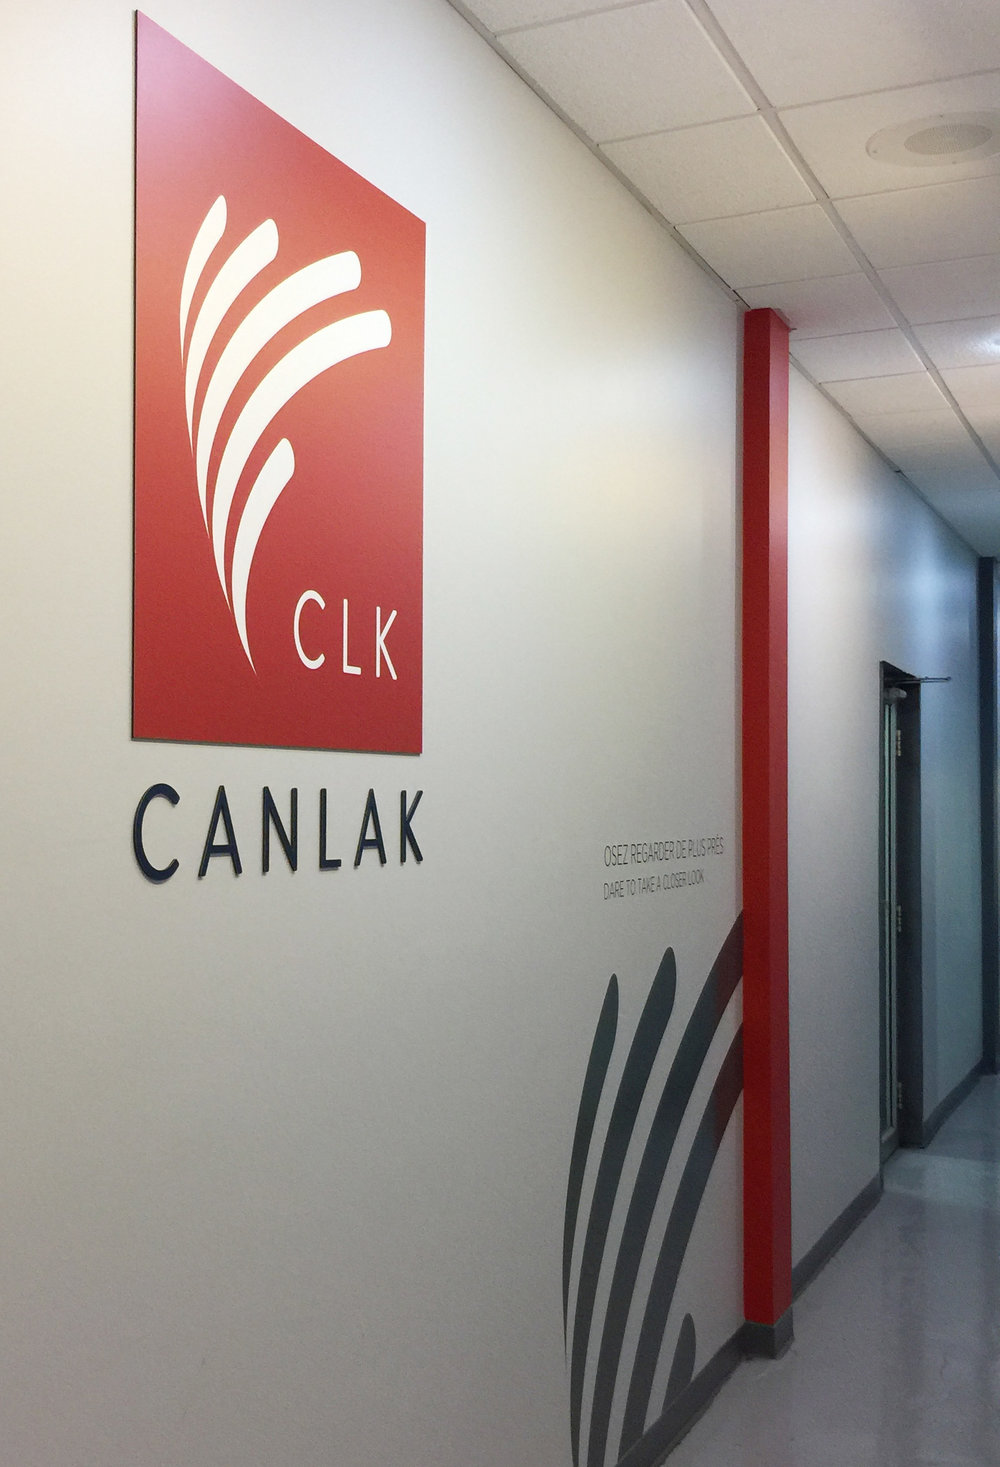 Panneau mural et lettrage Canlak